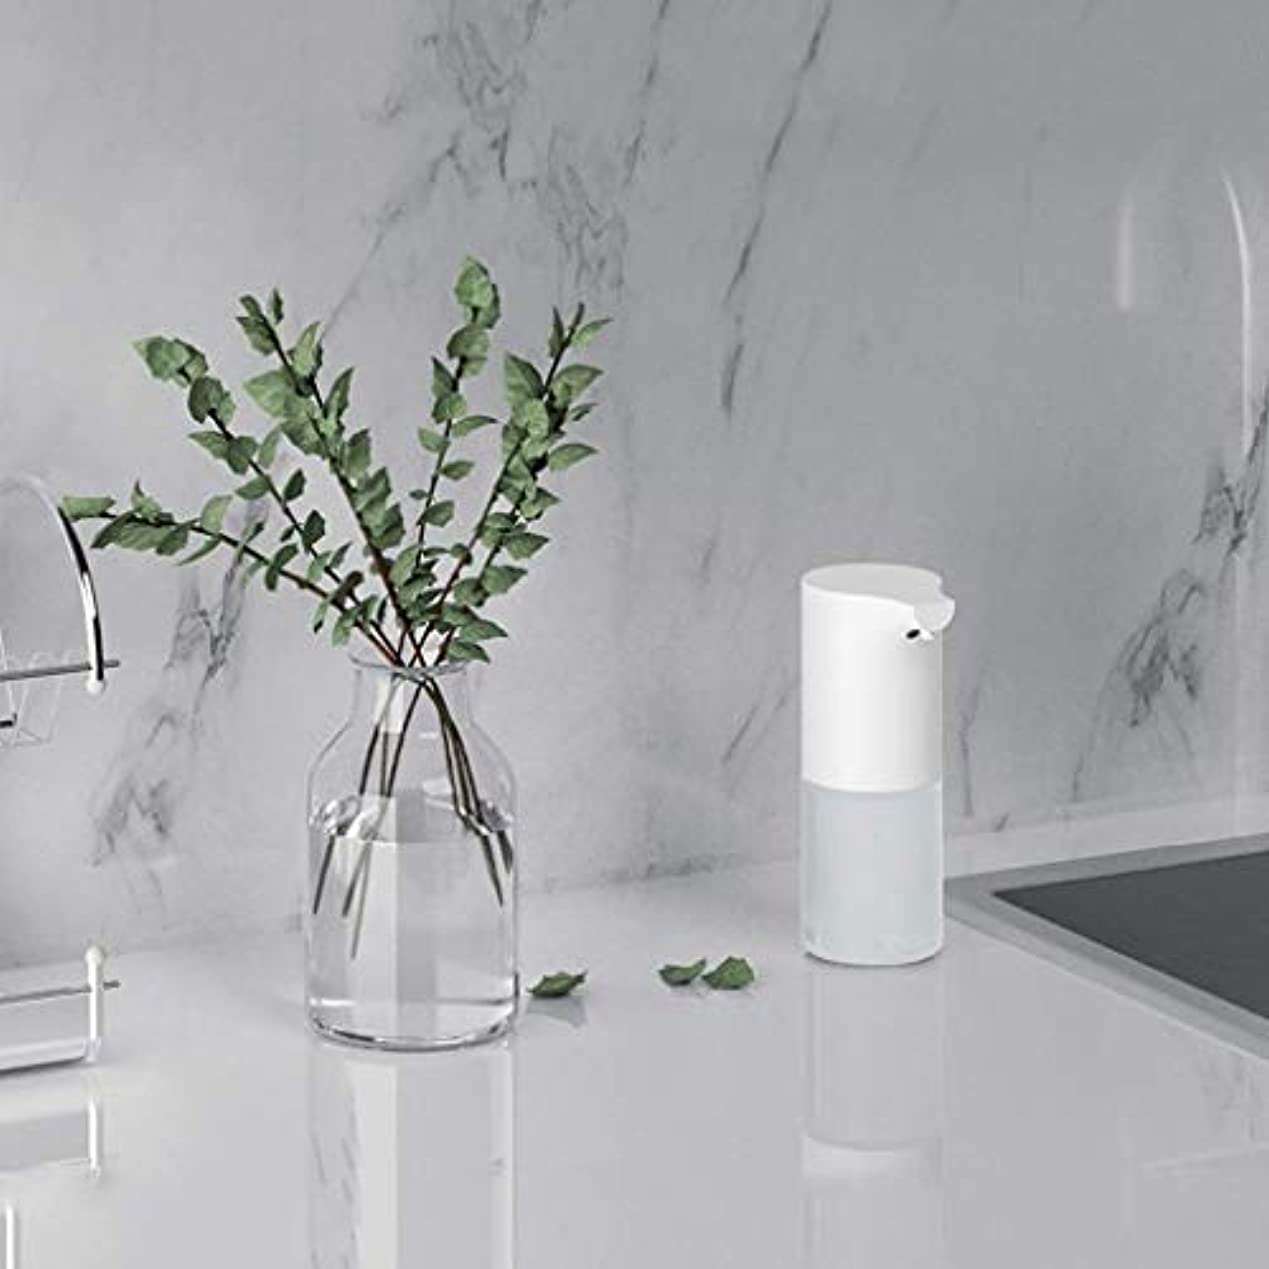 笑マイル大事にする赤外線センサー泡手消毒剤320ミリリットル環境保護素材石鹸ボトルキッチンバスルームローション(色:白、サイズ:19 * 9.8 * 7.3 cm) (Color : White, Size : 19*9.8*7.3cm)